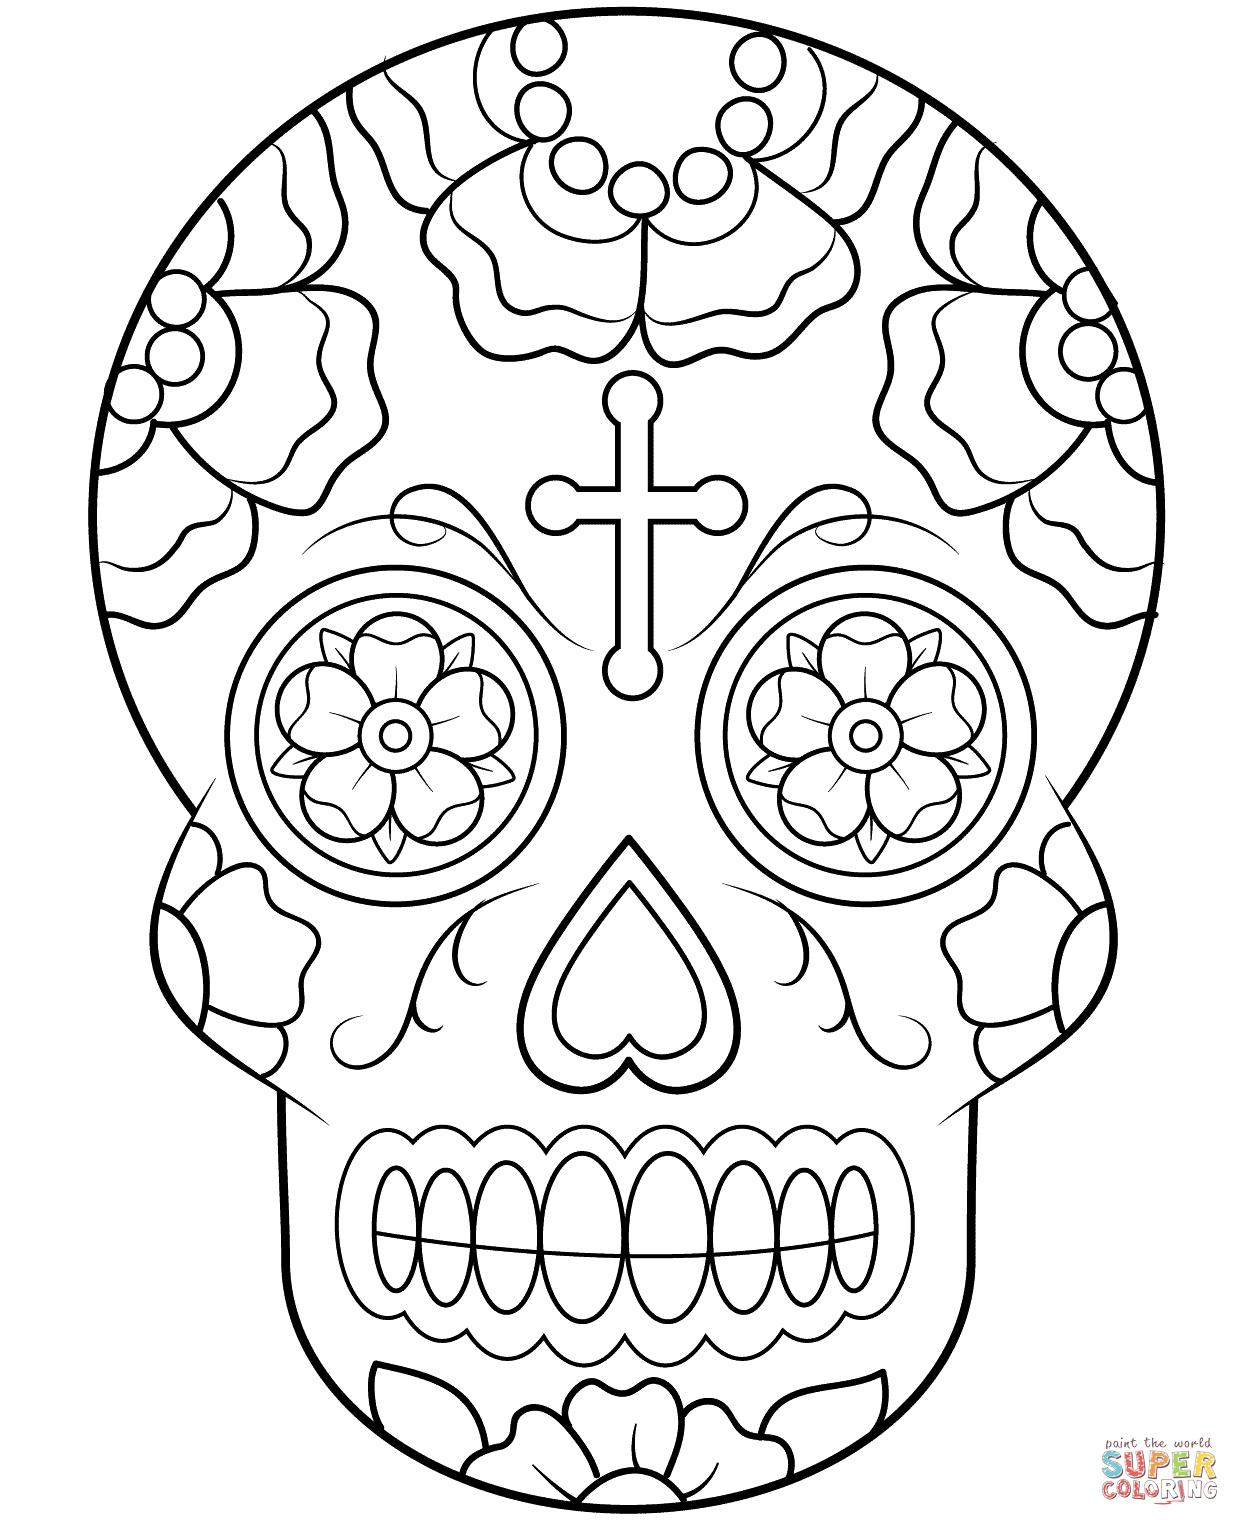 Ausmalbilder Zucker Schädel ( Calavera ) - Malvorlagen mit Totenkopf Bilder Zum Ausmalen